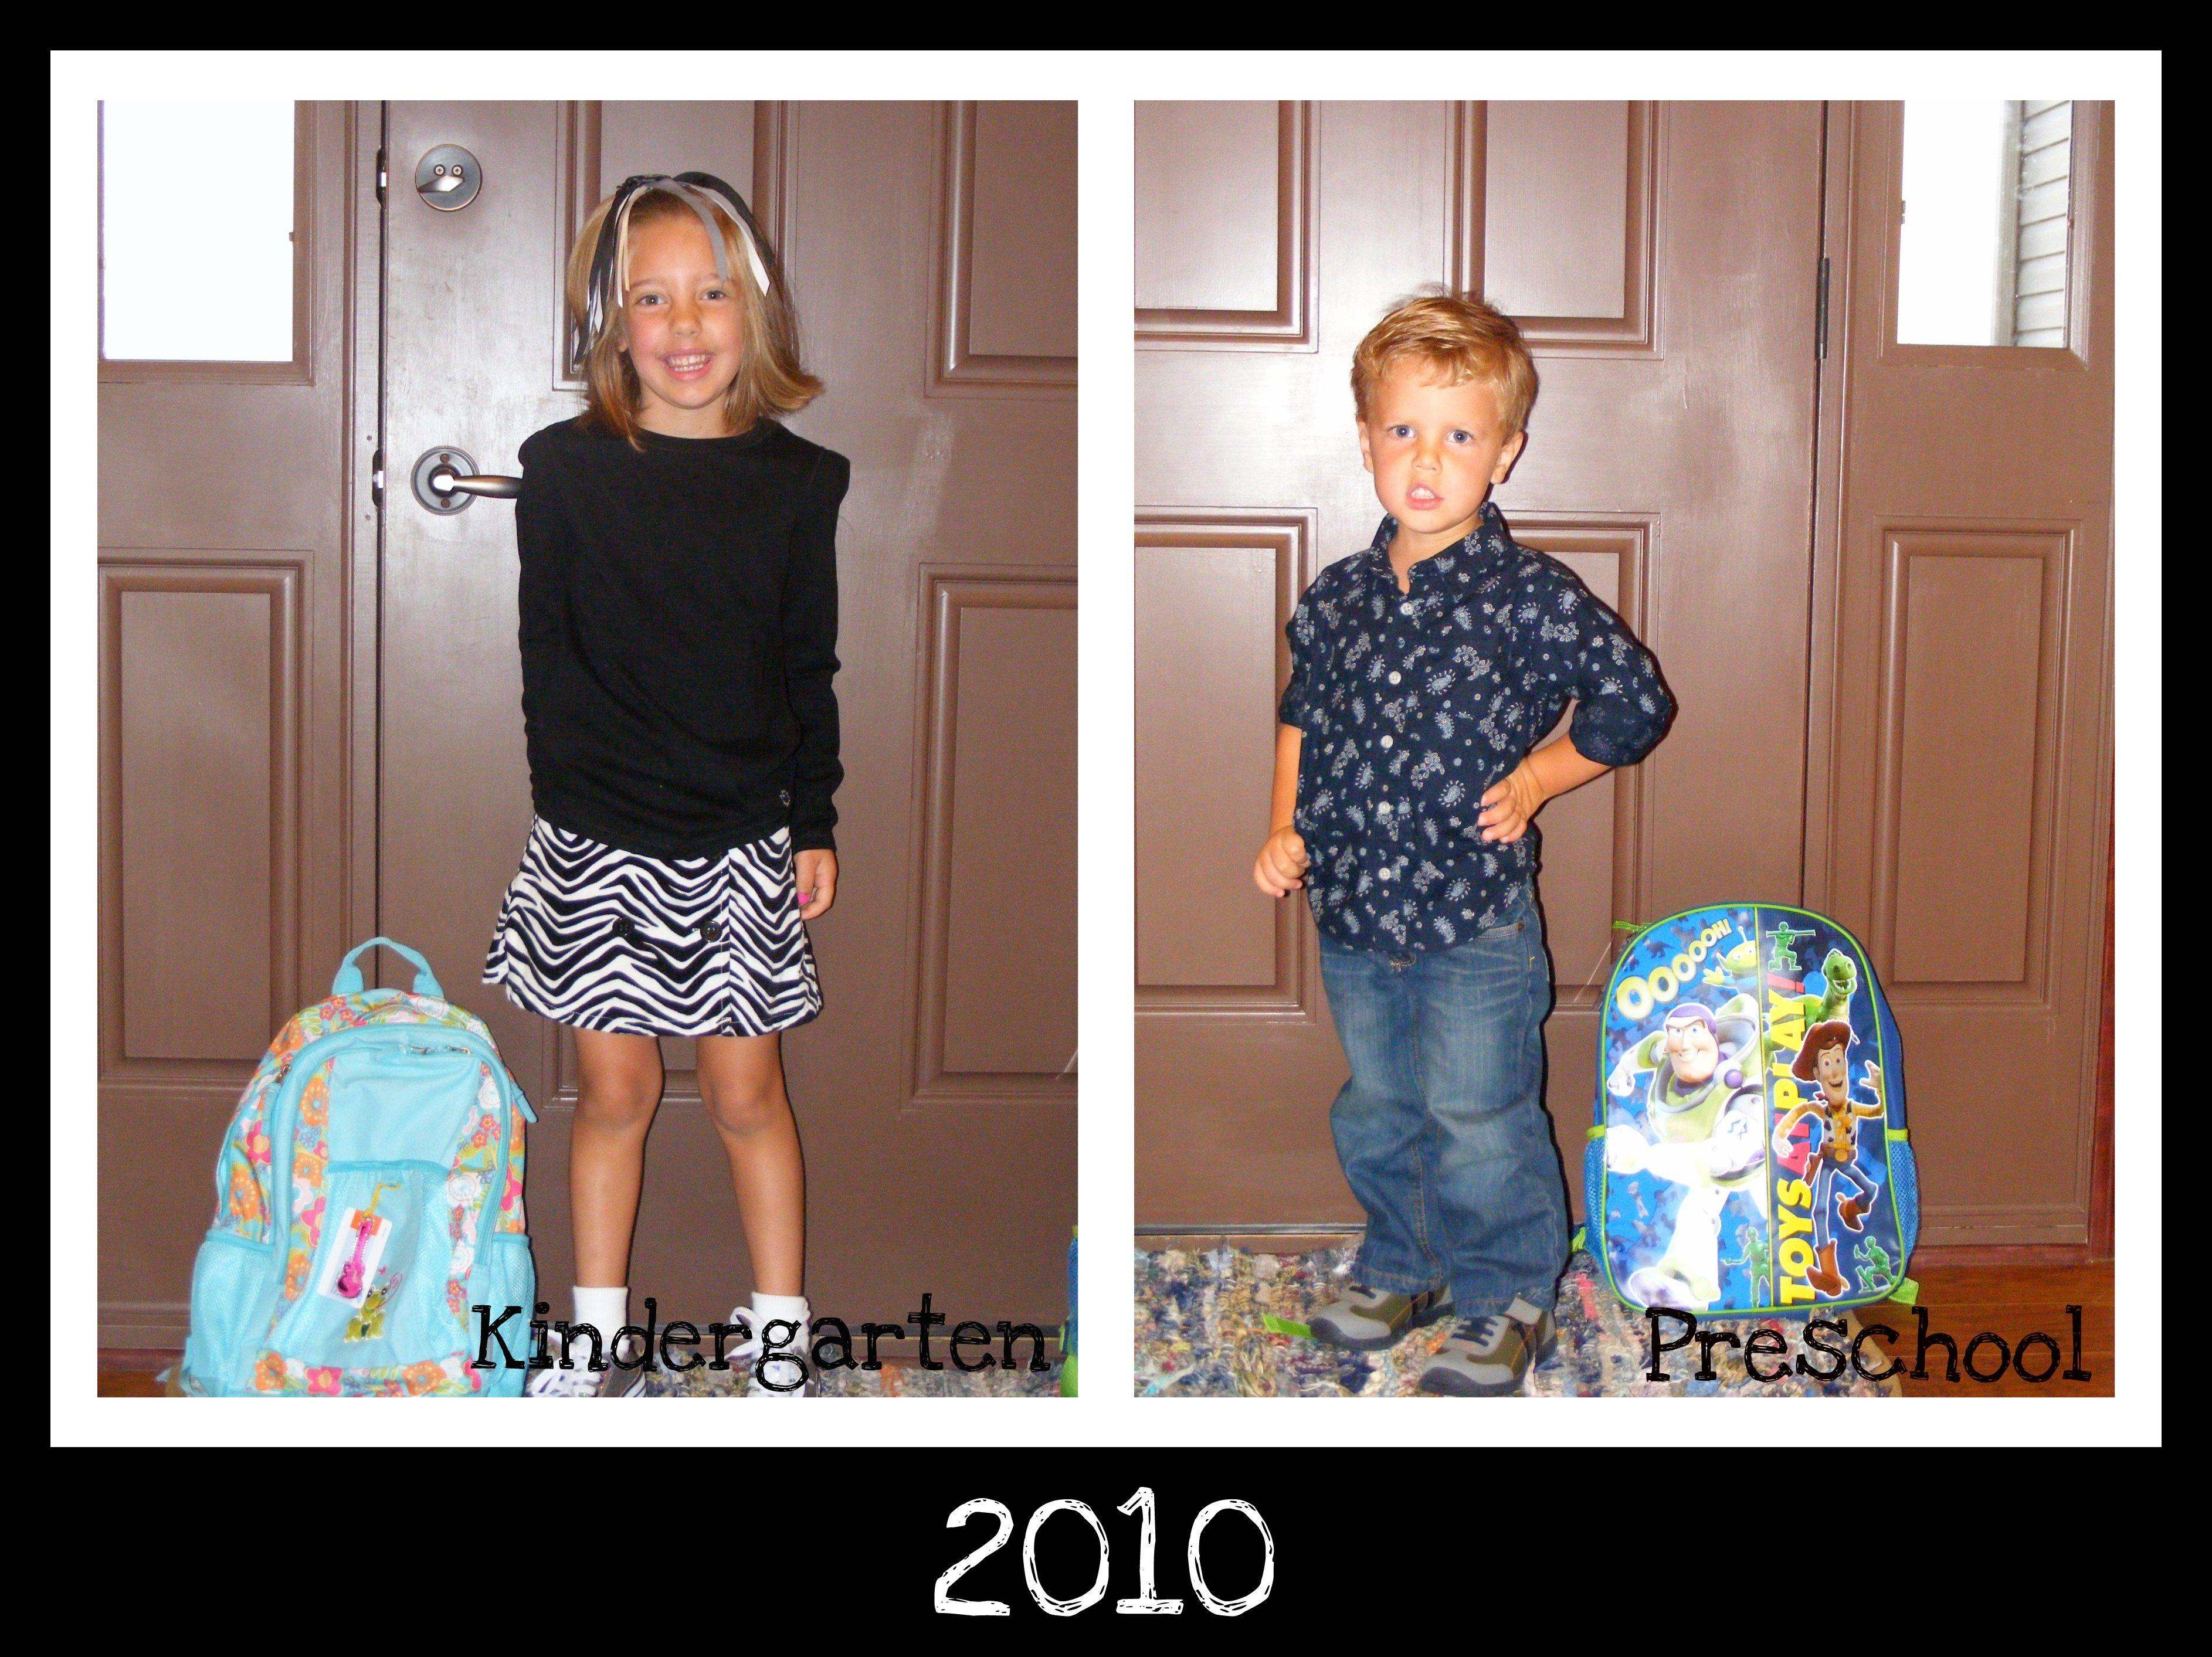 2010 school year